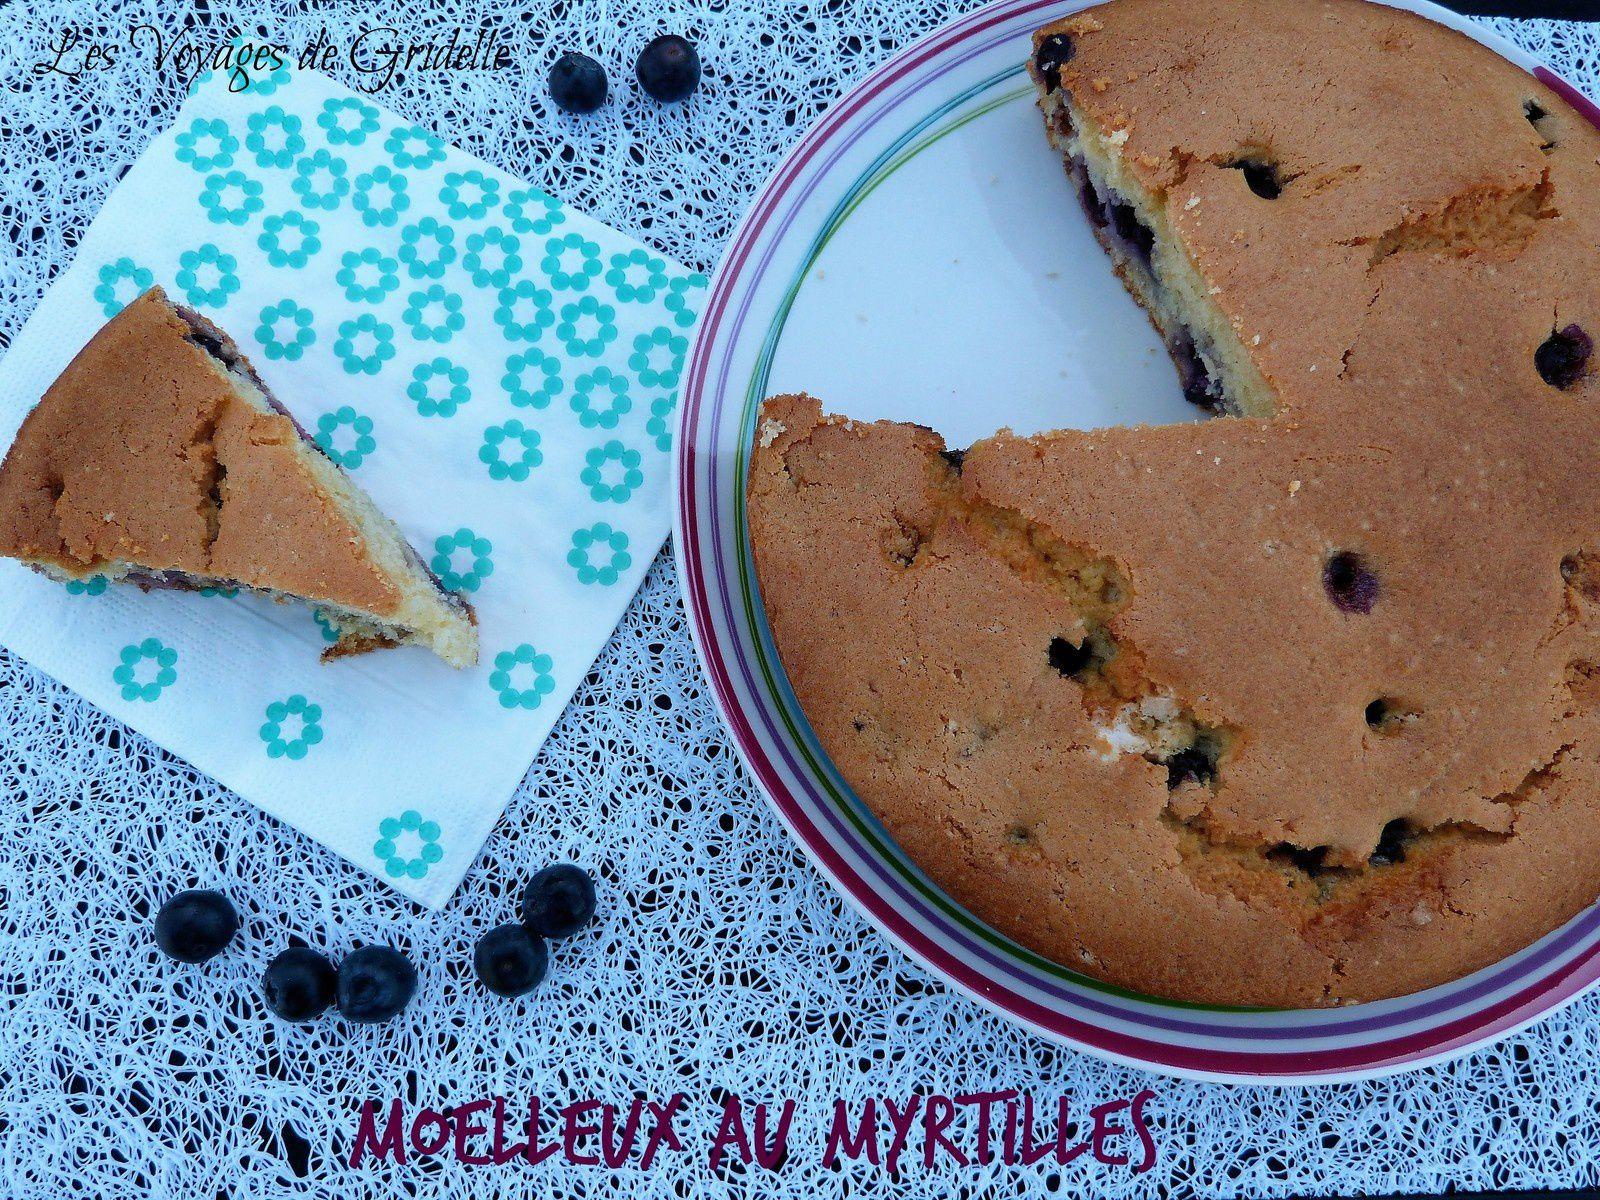 Moelleux aux Myrtilles - Les Voyages de Gridelle